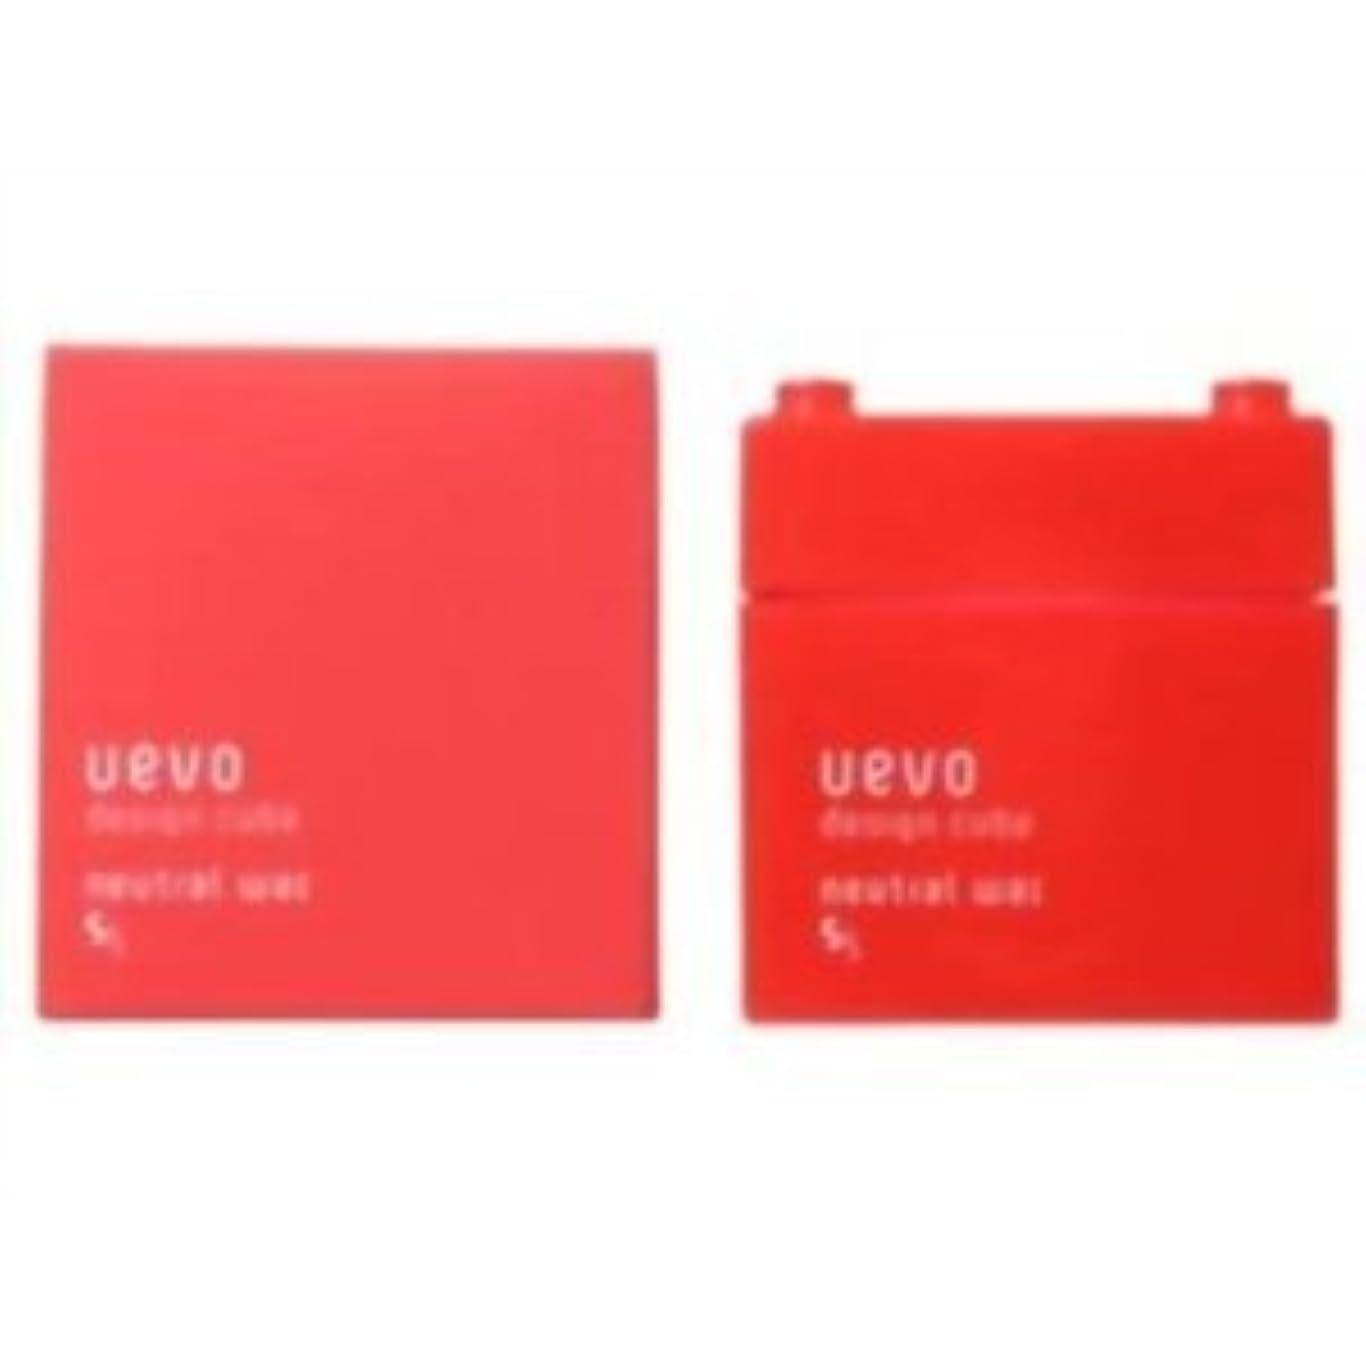 強制的価格に応じて【X3個セット】 デミ ウェーボ デザインキューブ ニュートラルワックス 80g neutral wax DEMI uevo design cube